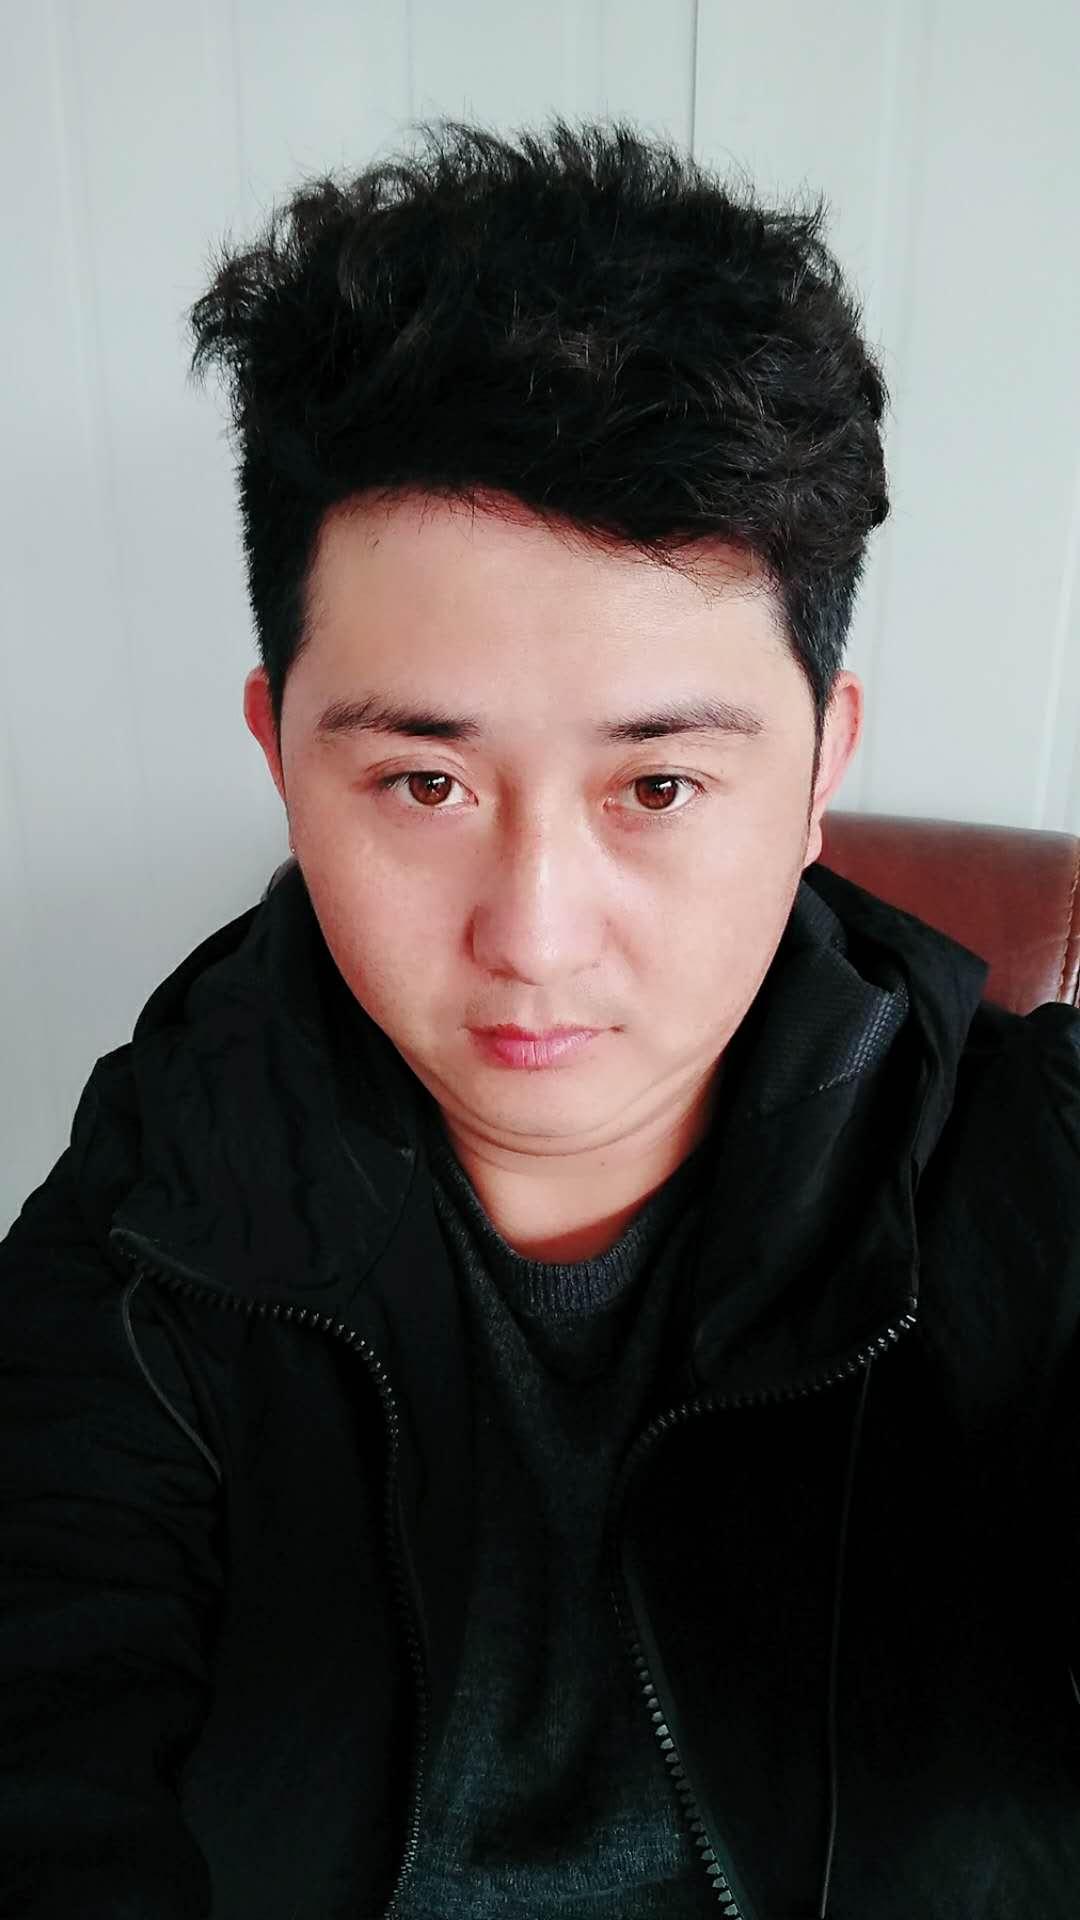 蔡小松:现在不奋斗什么时候奋斗